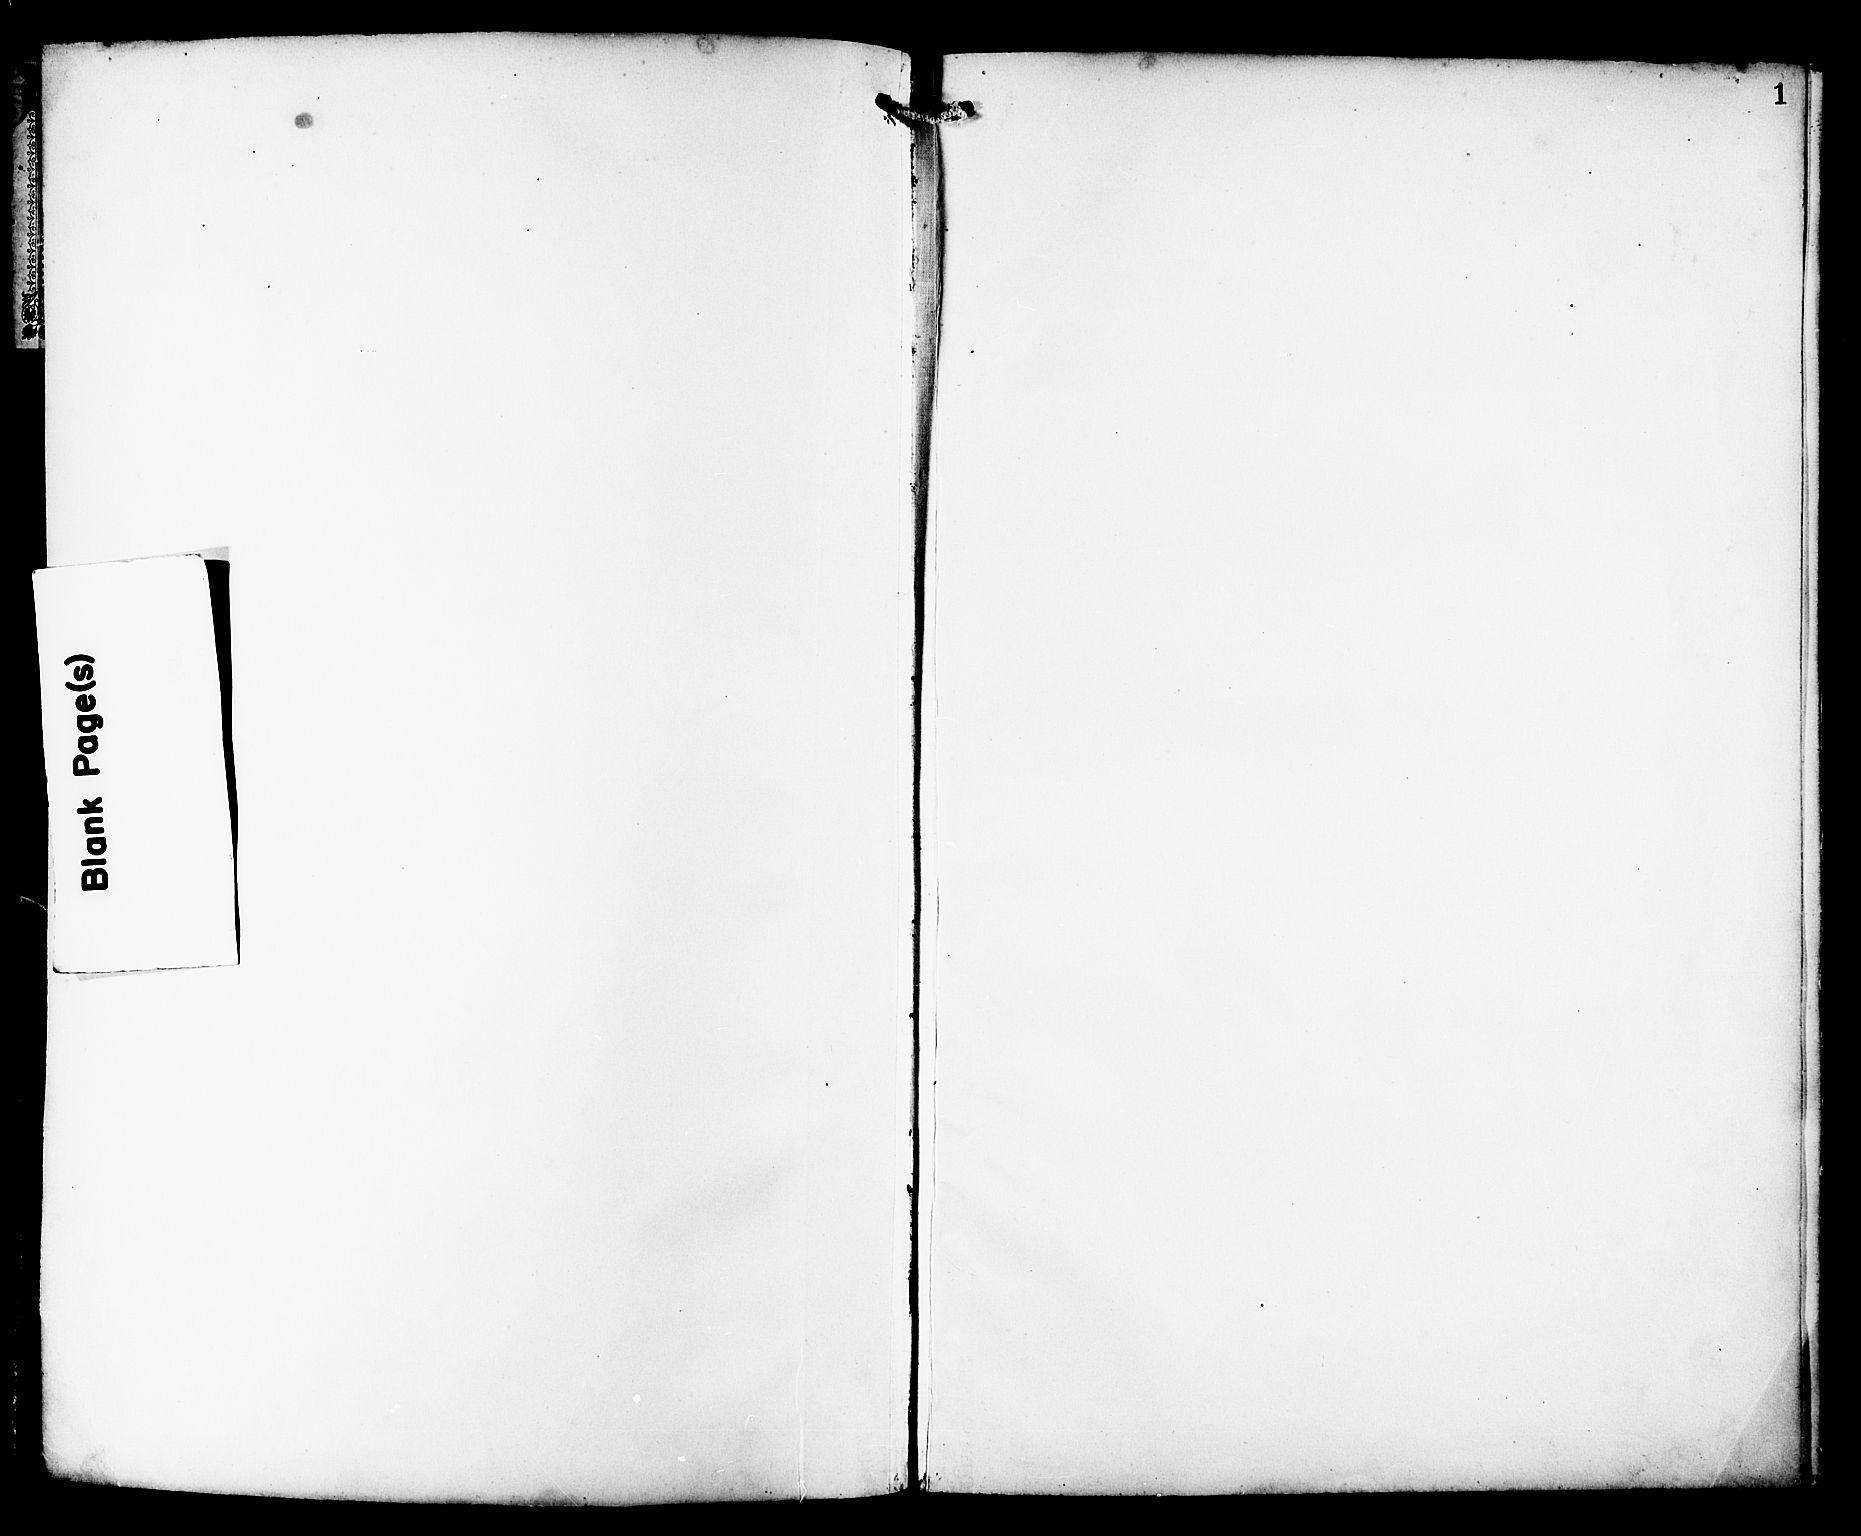 SAT, Ministerialprotokoller, klokkerbøker og fødselsregistre - Sør-Trøndelag, 659/L0746: Klokkerbok nr. 659C03, 1893-1912, s. 1